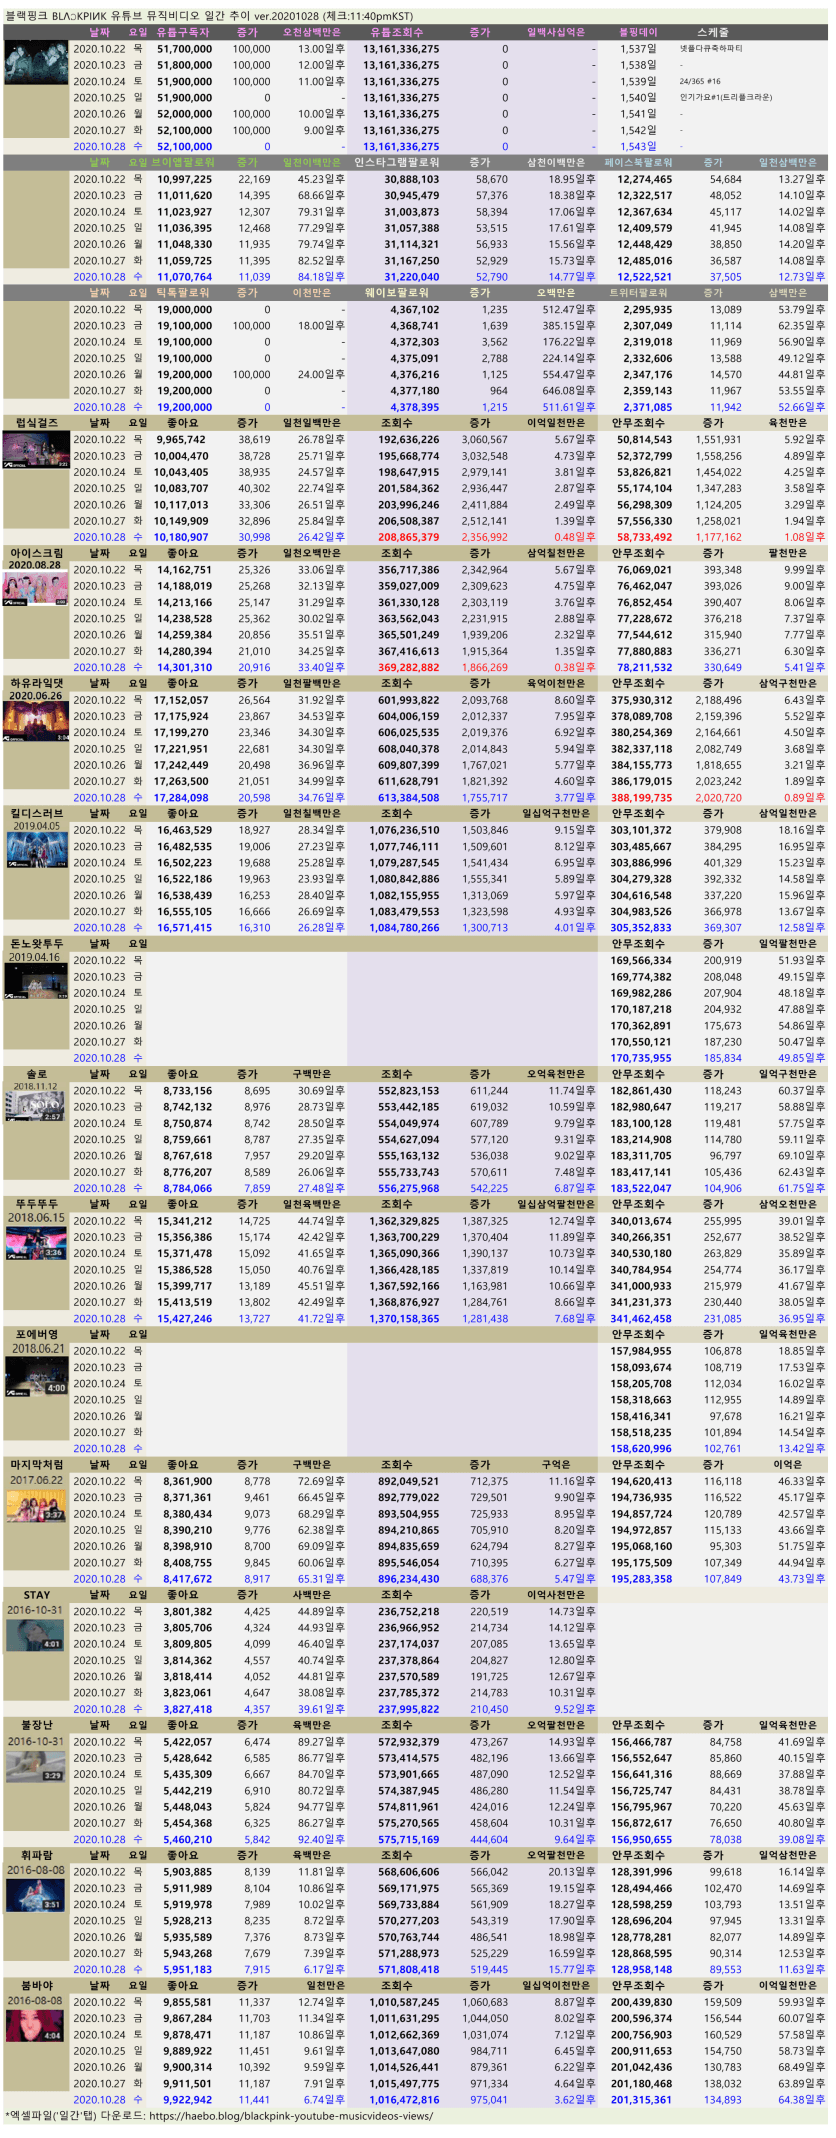 viewimage.php?id=2fb1d125eec231a865&no=24b0d769e1d32ca73fec84fa11d0283195228ddcef8f2e560a89ffd9a736e120a4ec8f05154c19342fec6ad473d713881bf56f72ab8a4833d20bdcb94014942c405e231add